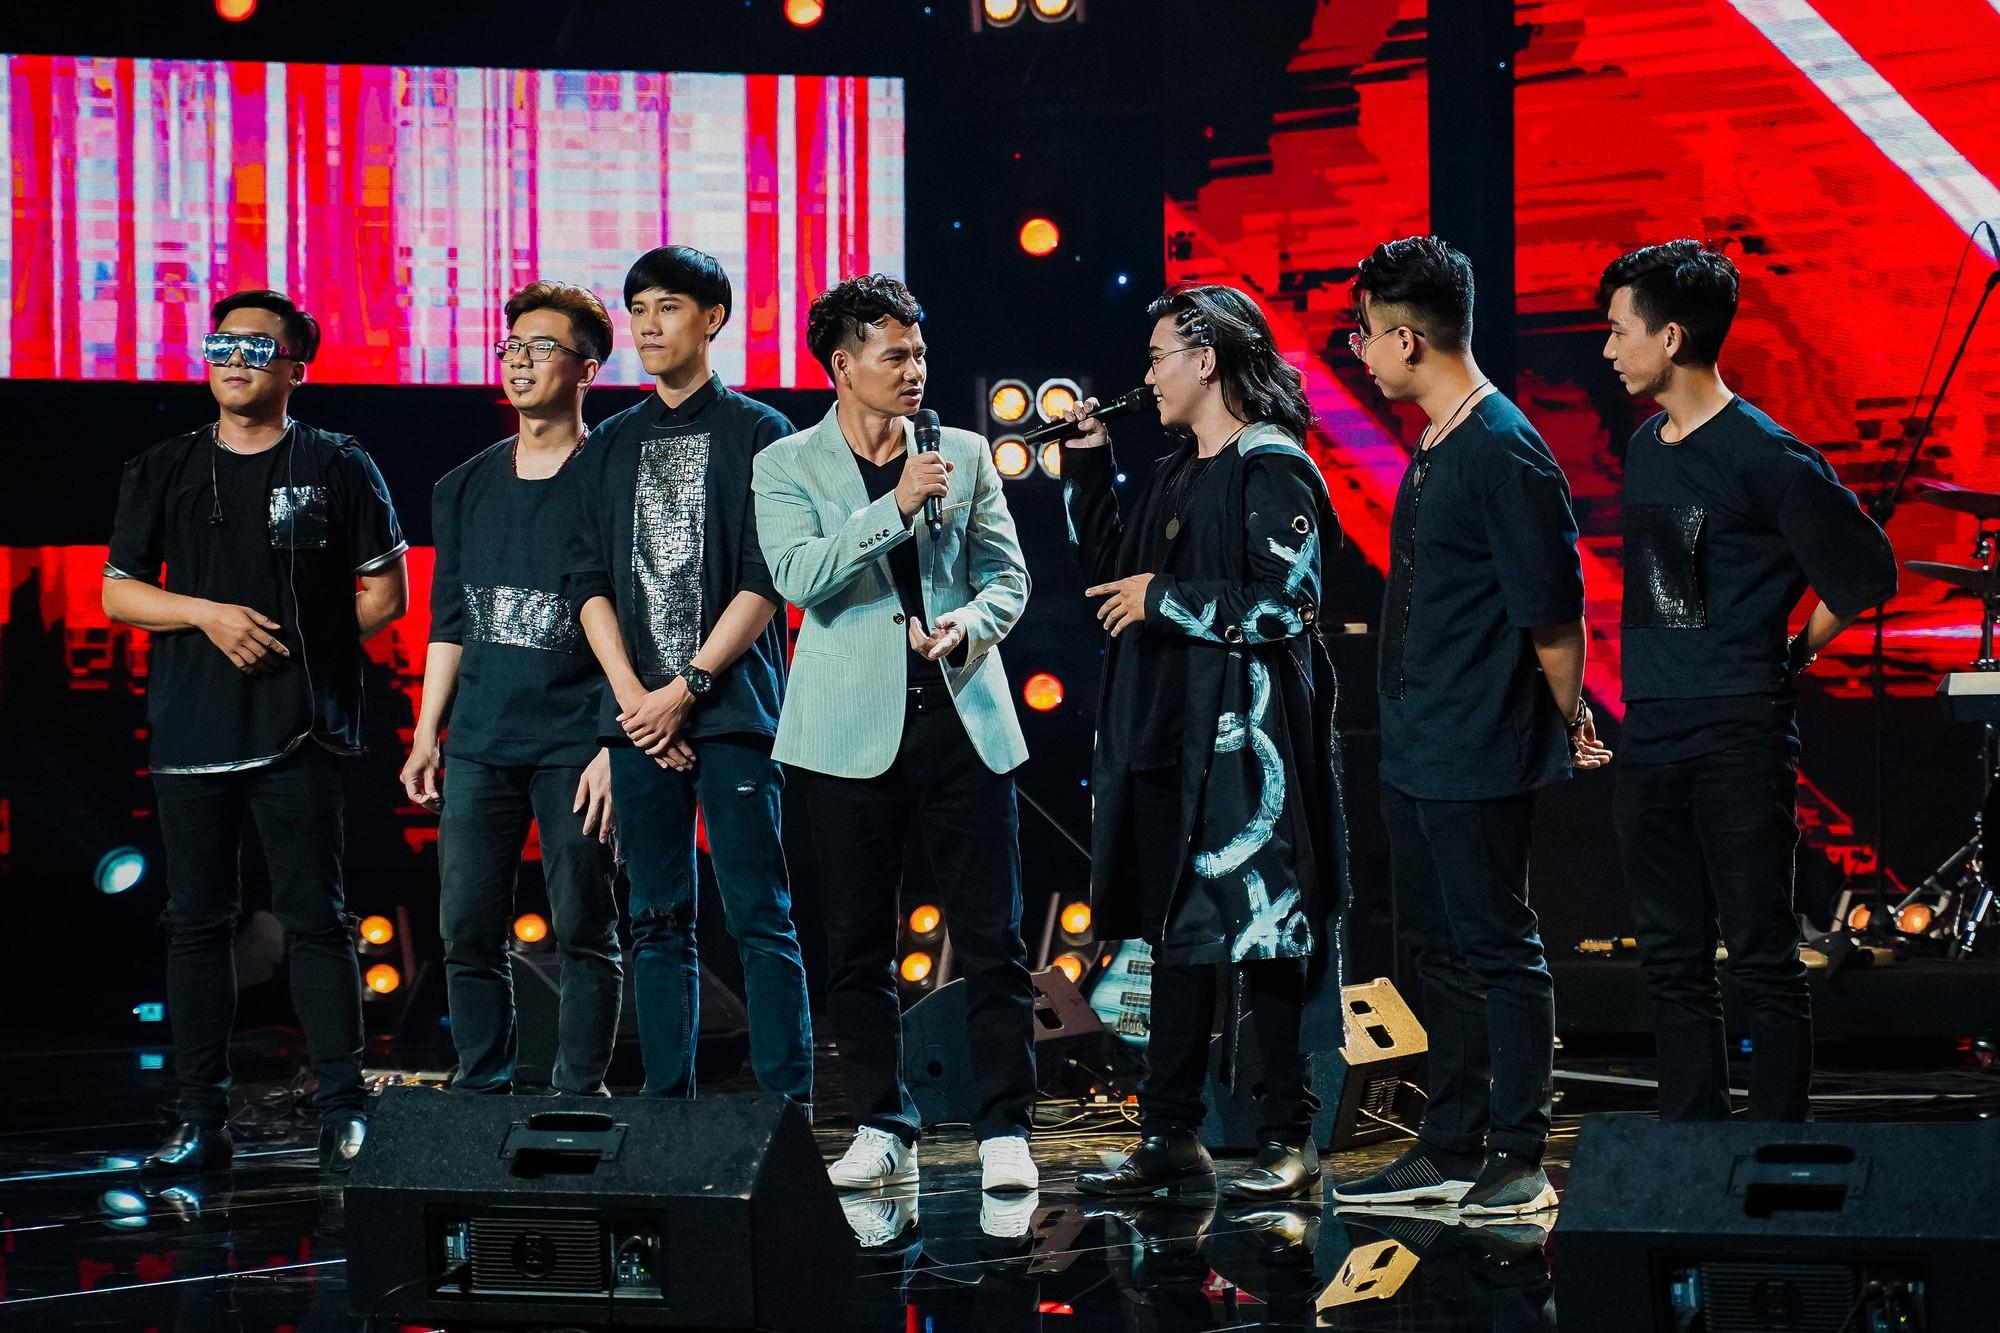 Ban nhạc Việt: Màn trộn lẫn hit Lam Trường, Mỹ Tâm, Phương Vy khiến các giám khảo bàn tán sôi nổi - Ảnh 16.